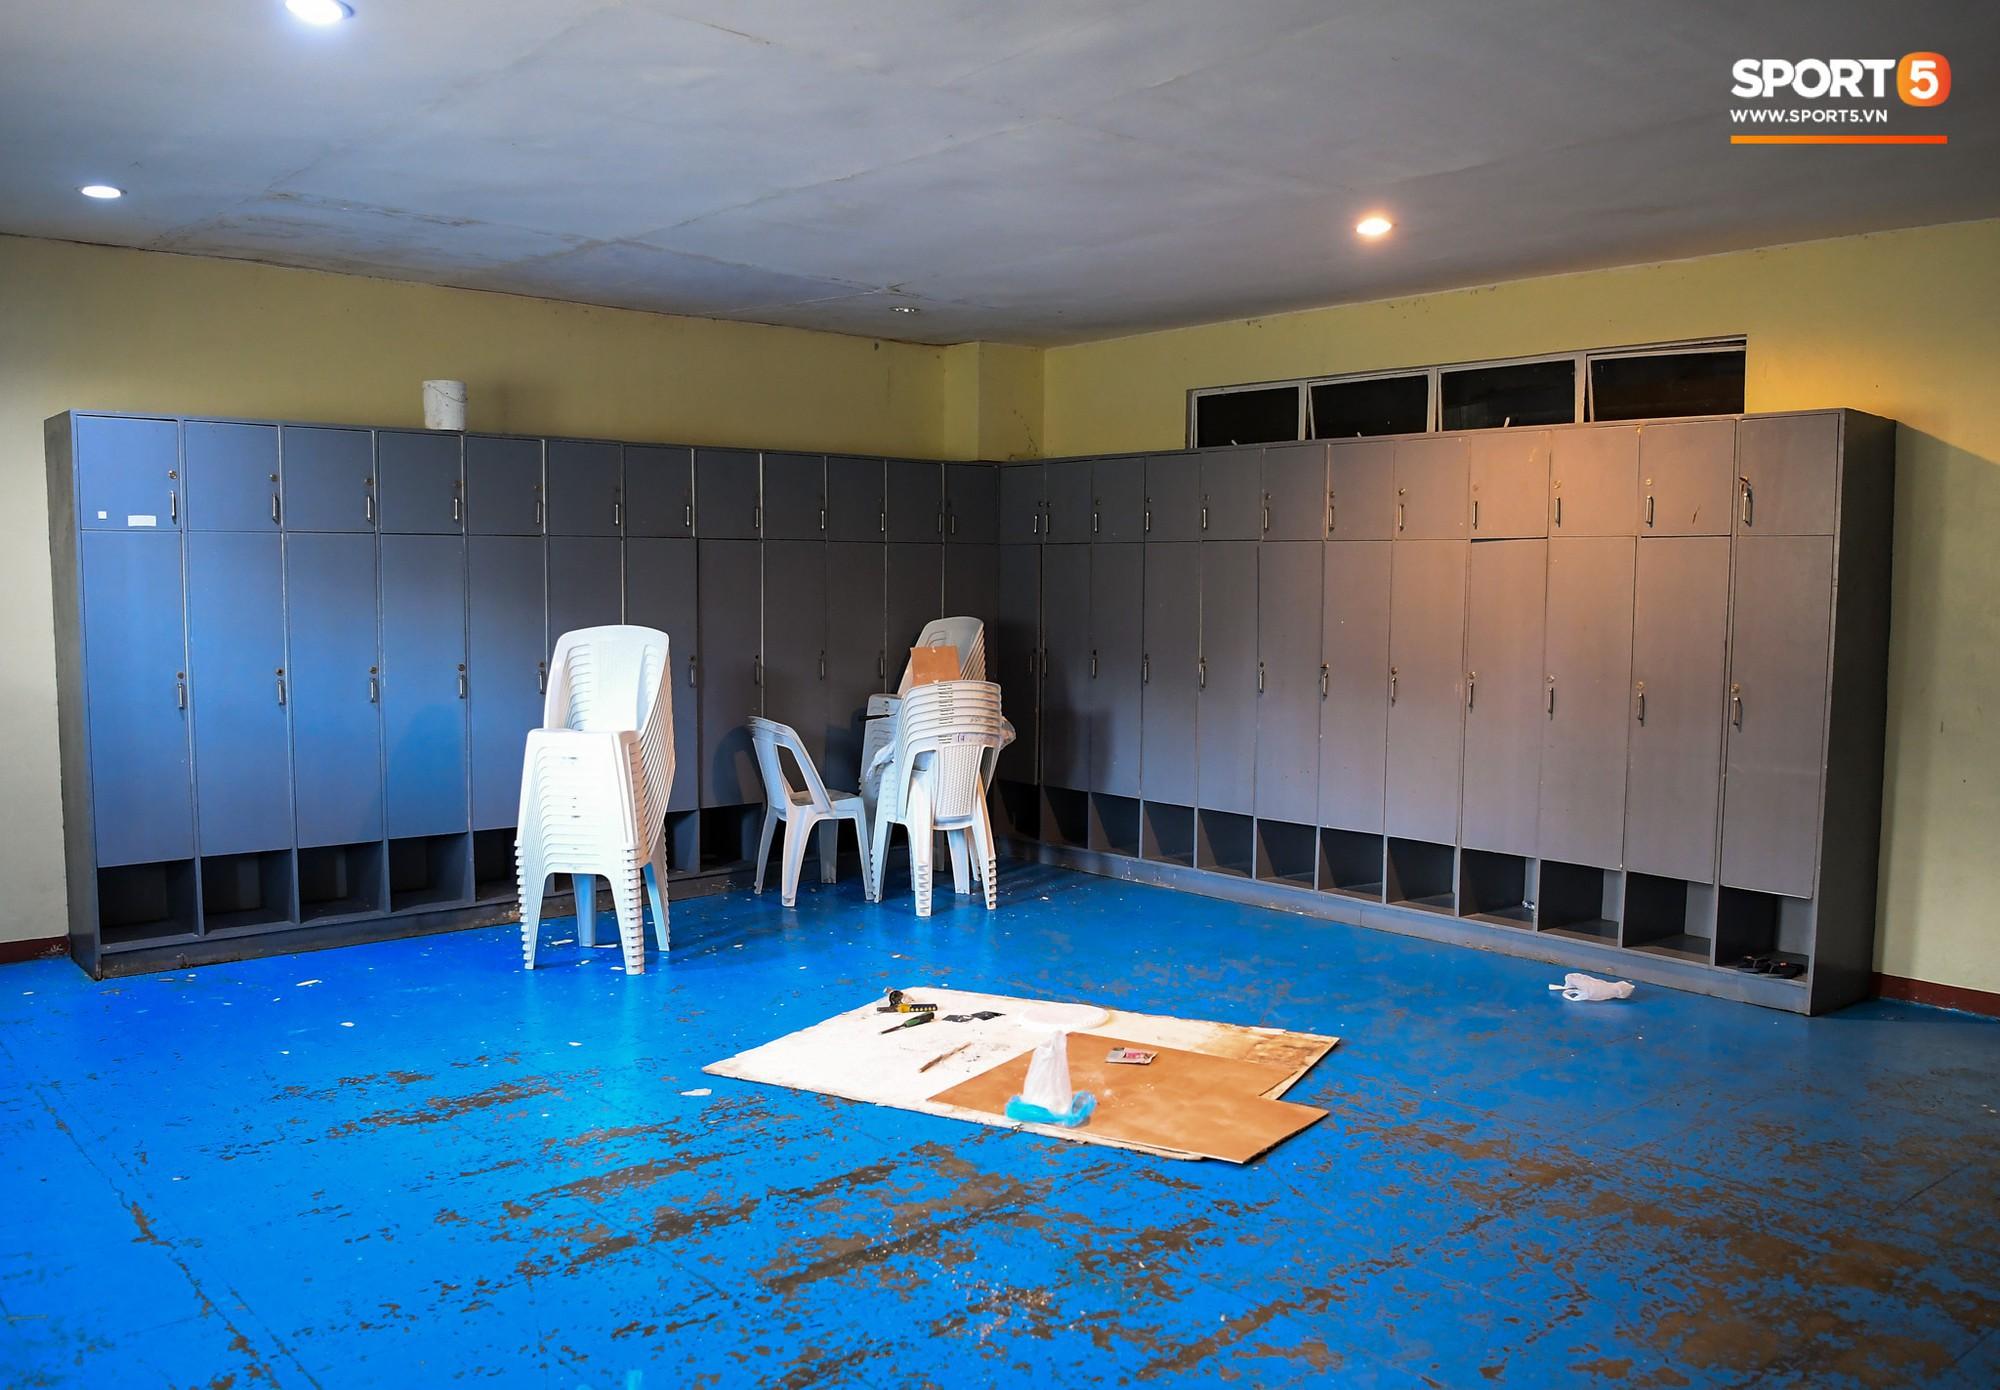 philippines - việt nam - photo 2 1543472910176666365802 - Sân thi đấu trận Philippines – Việt Nam: Tệ nhất AFF Cup 2018, khiến nhiều người rùng mình vì vẻ hoang tàn, u ám